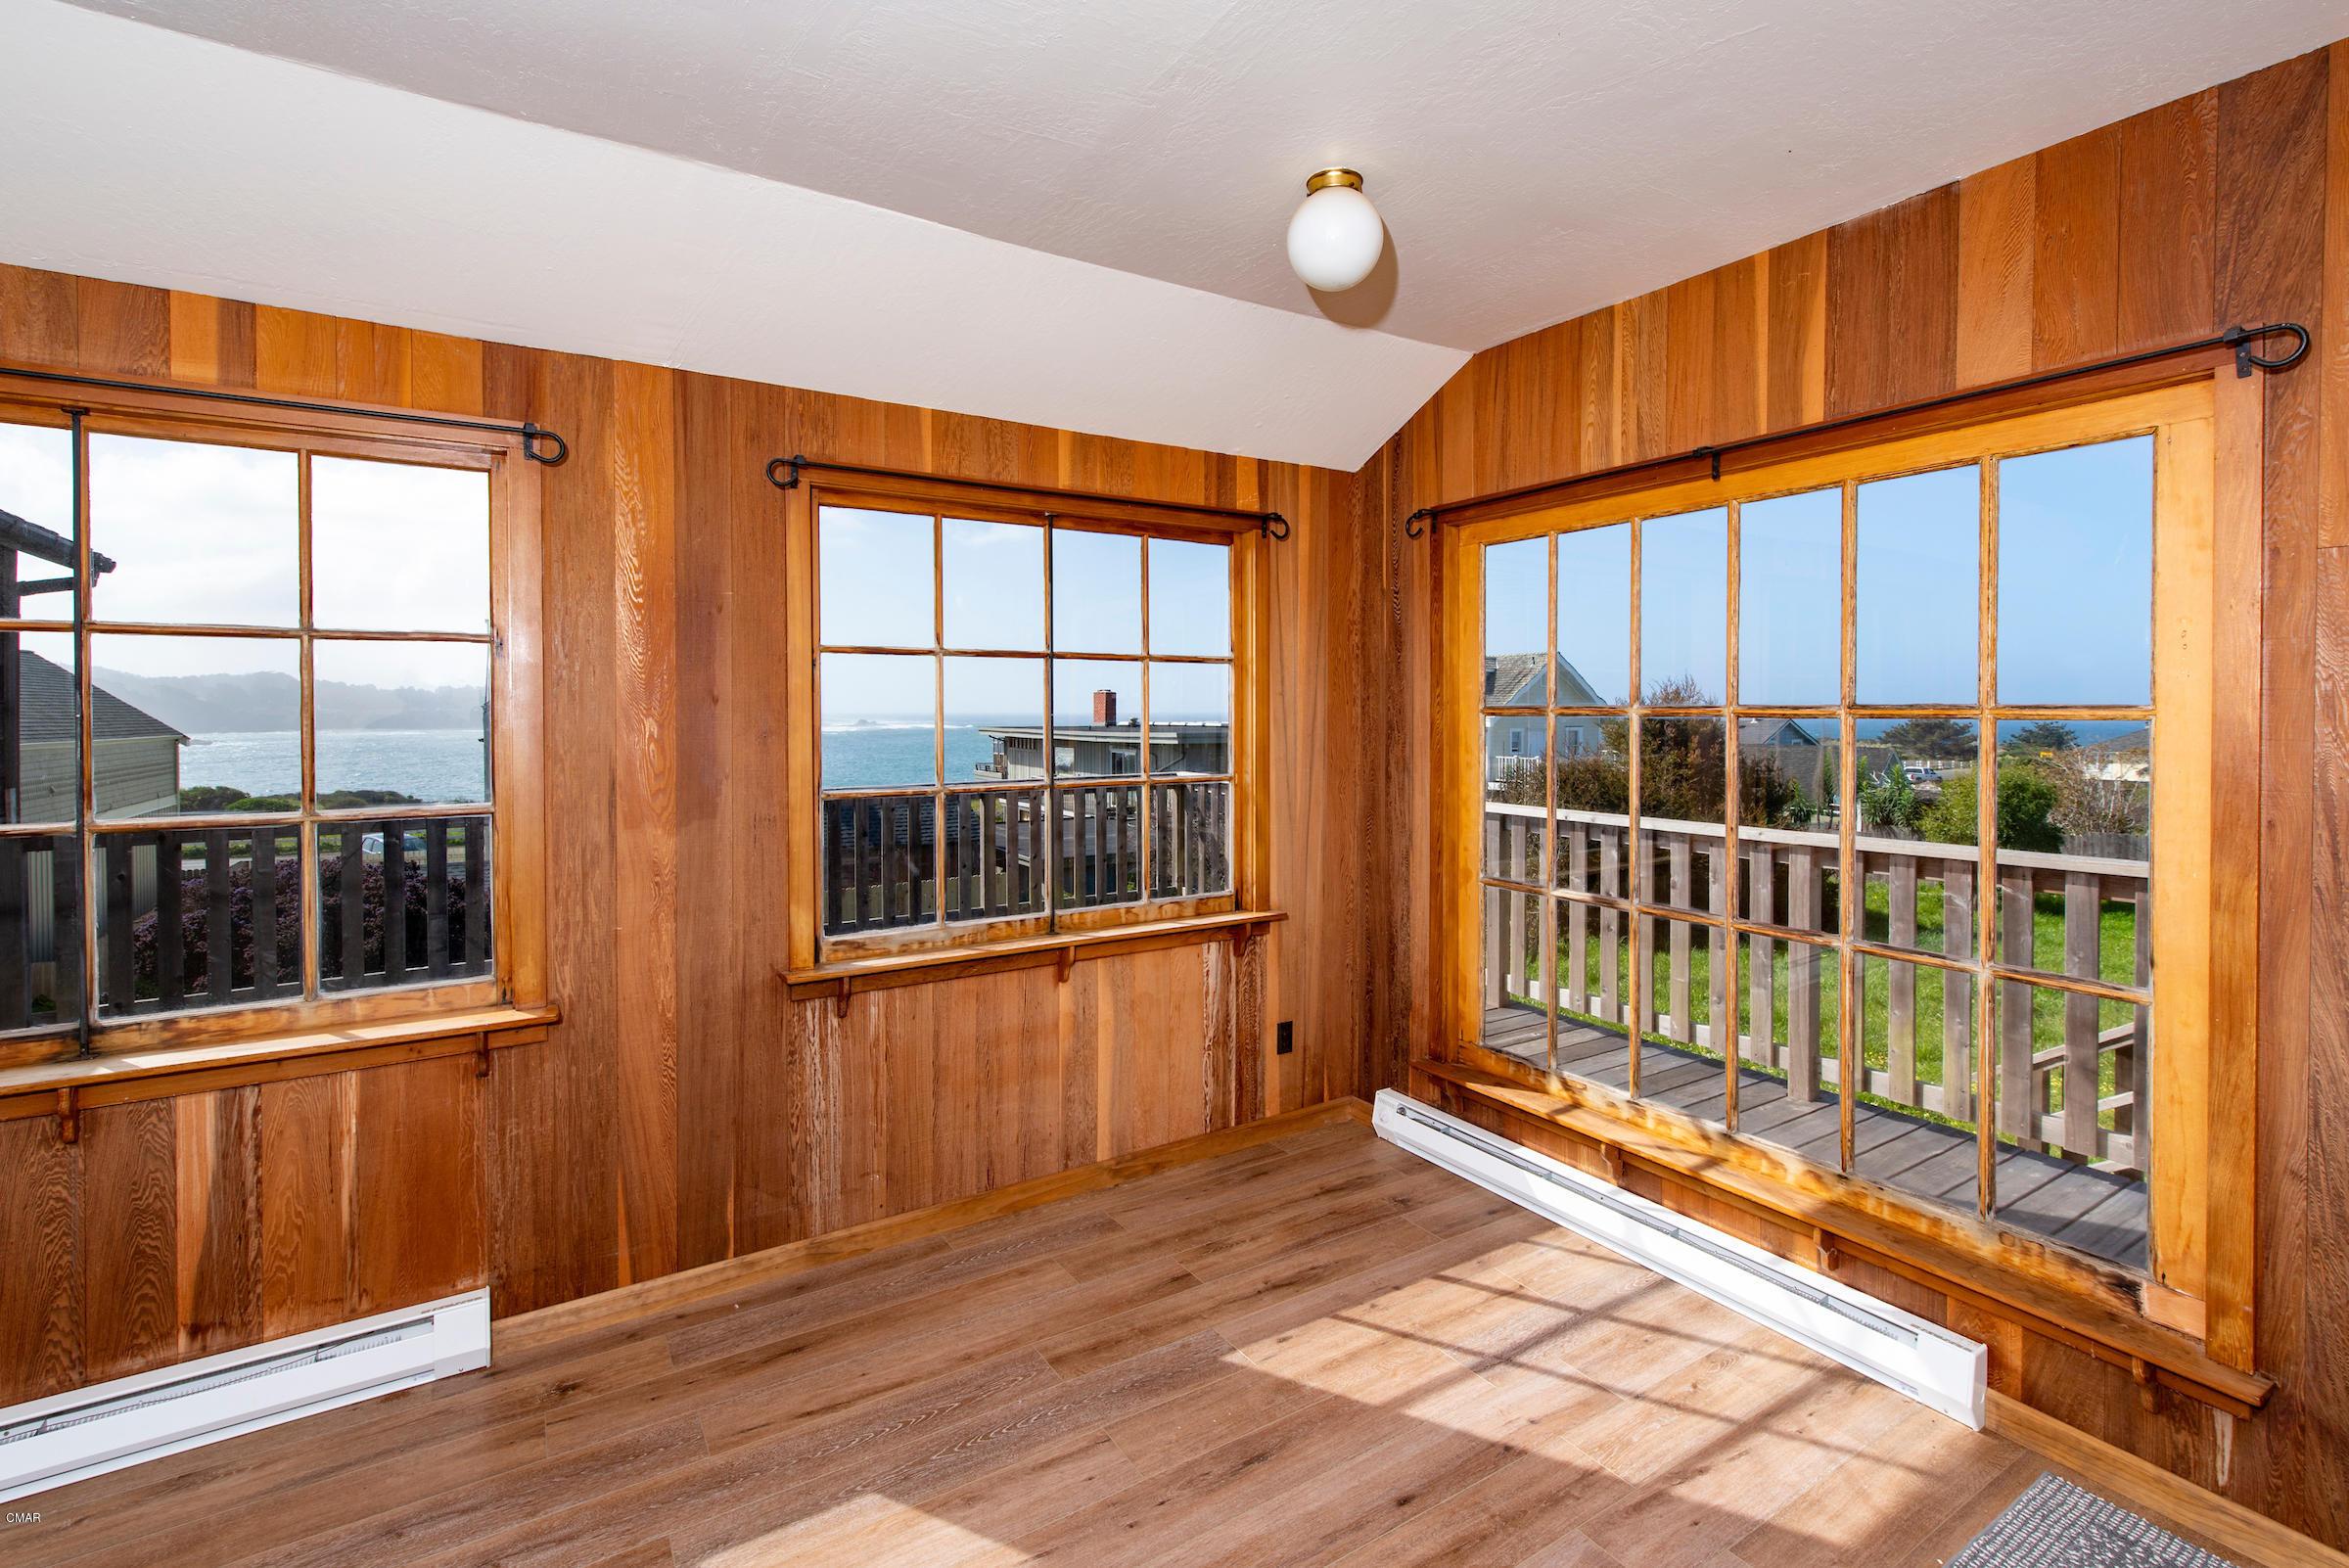 View through vintage windows